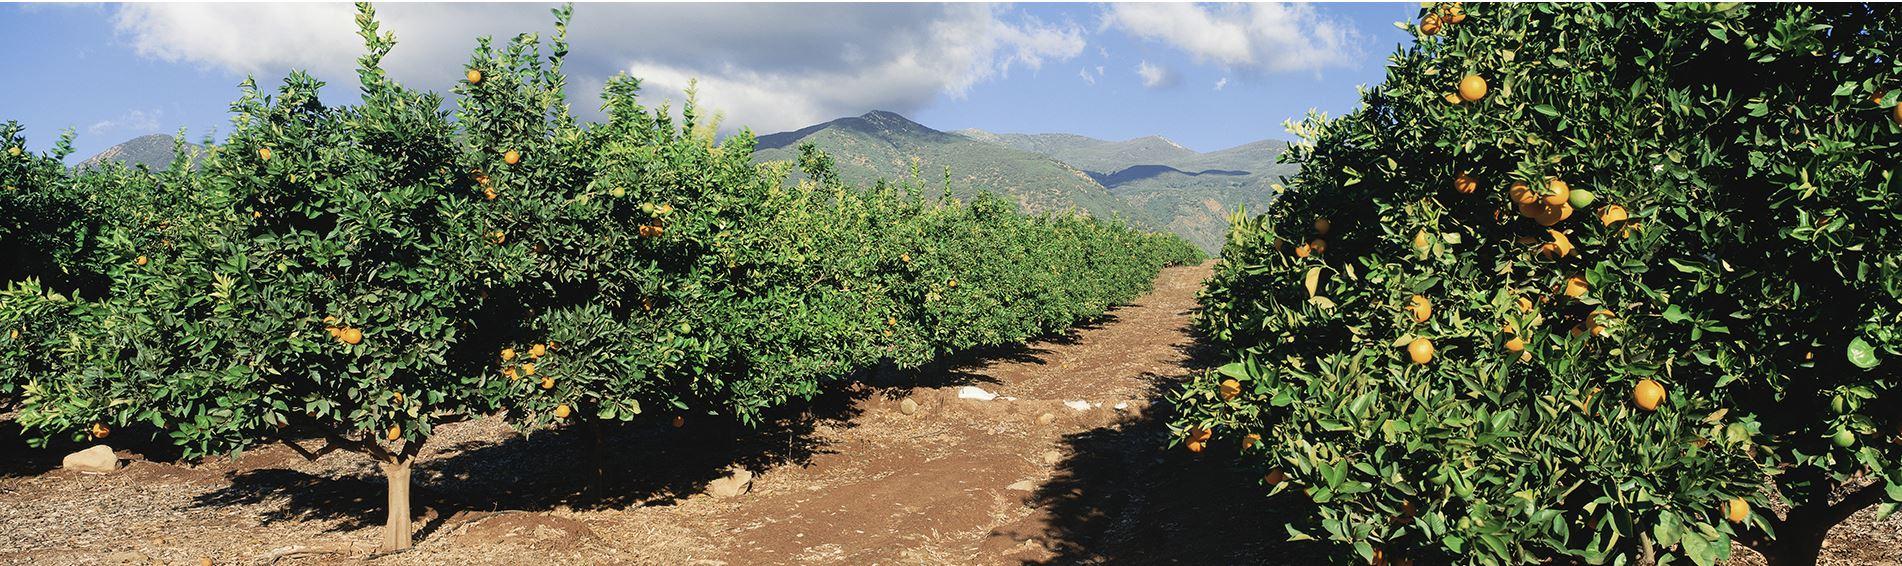 פרדס תפוזים של פריגת